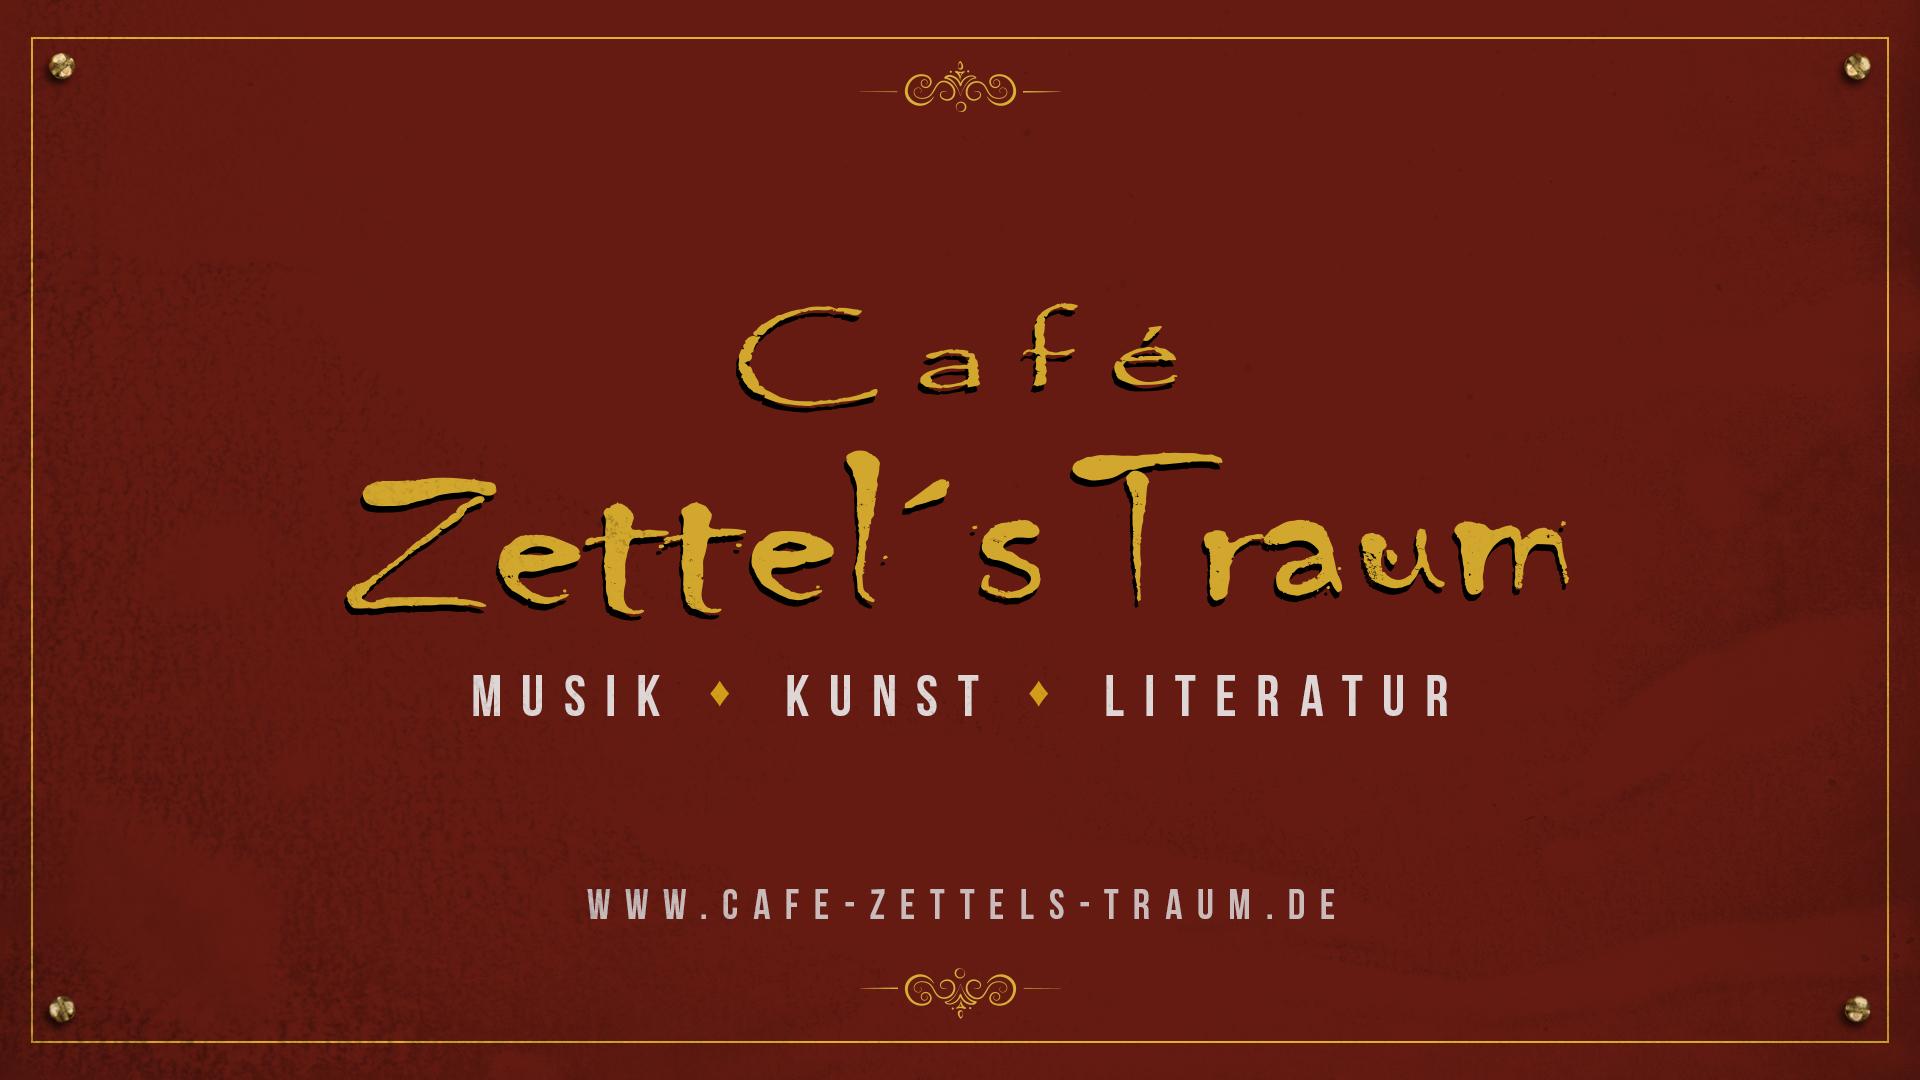 Café Zettel's Traum